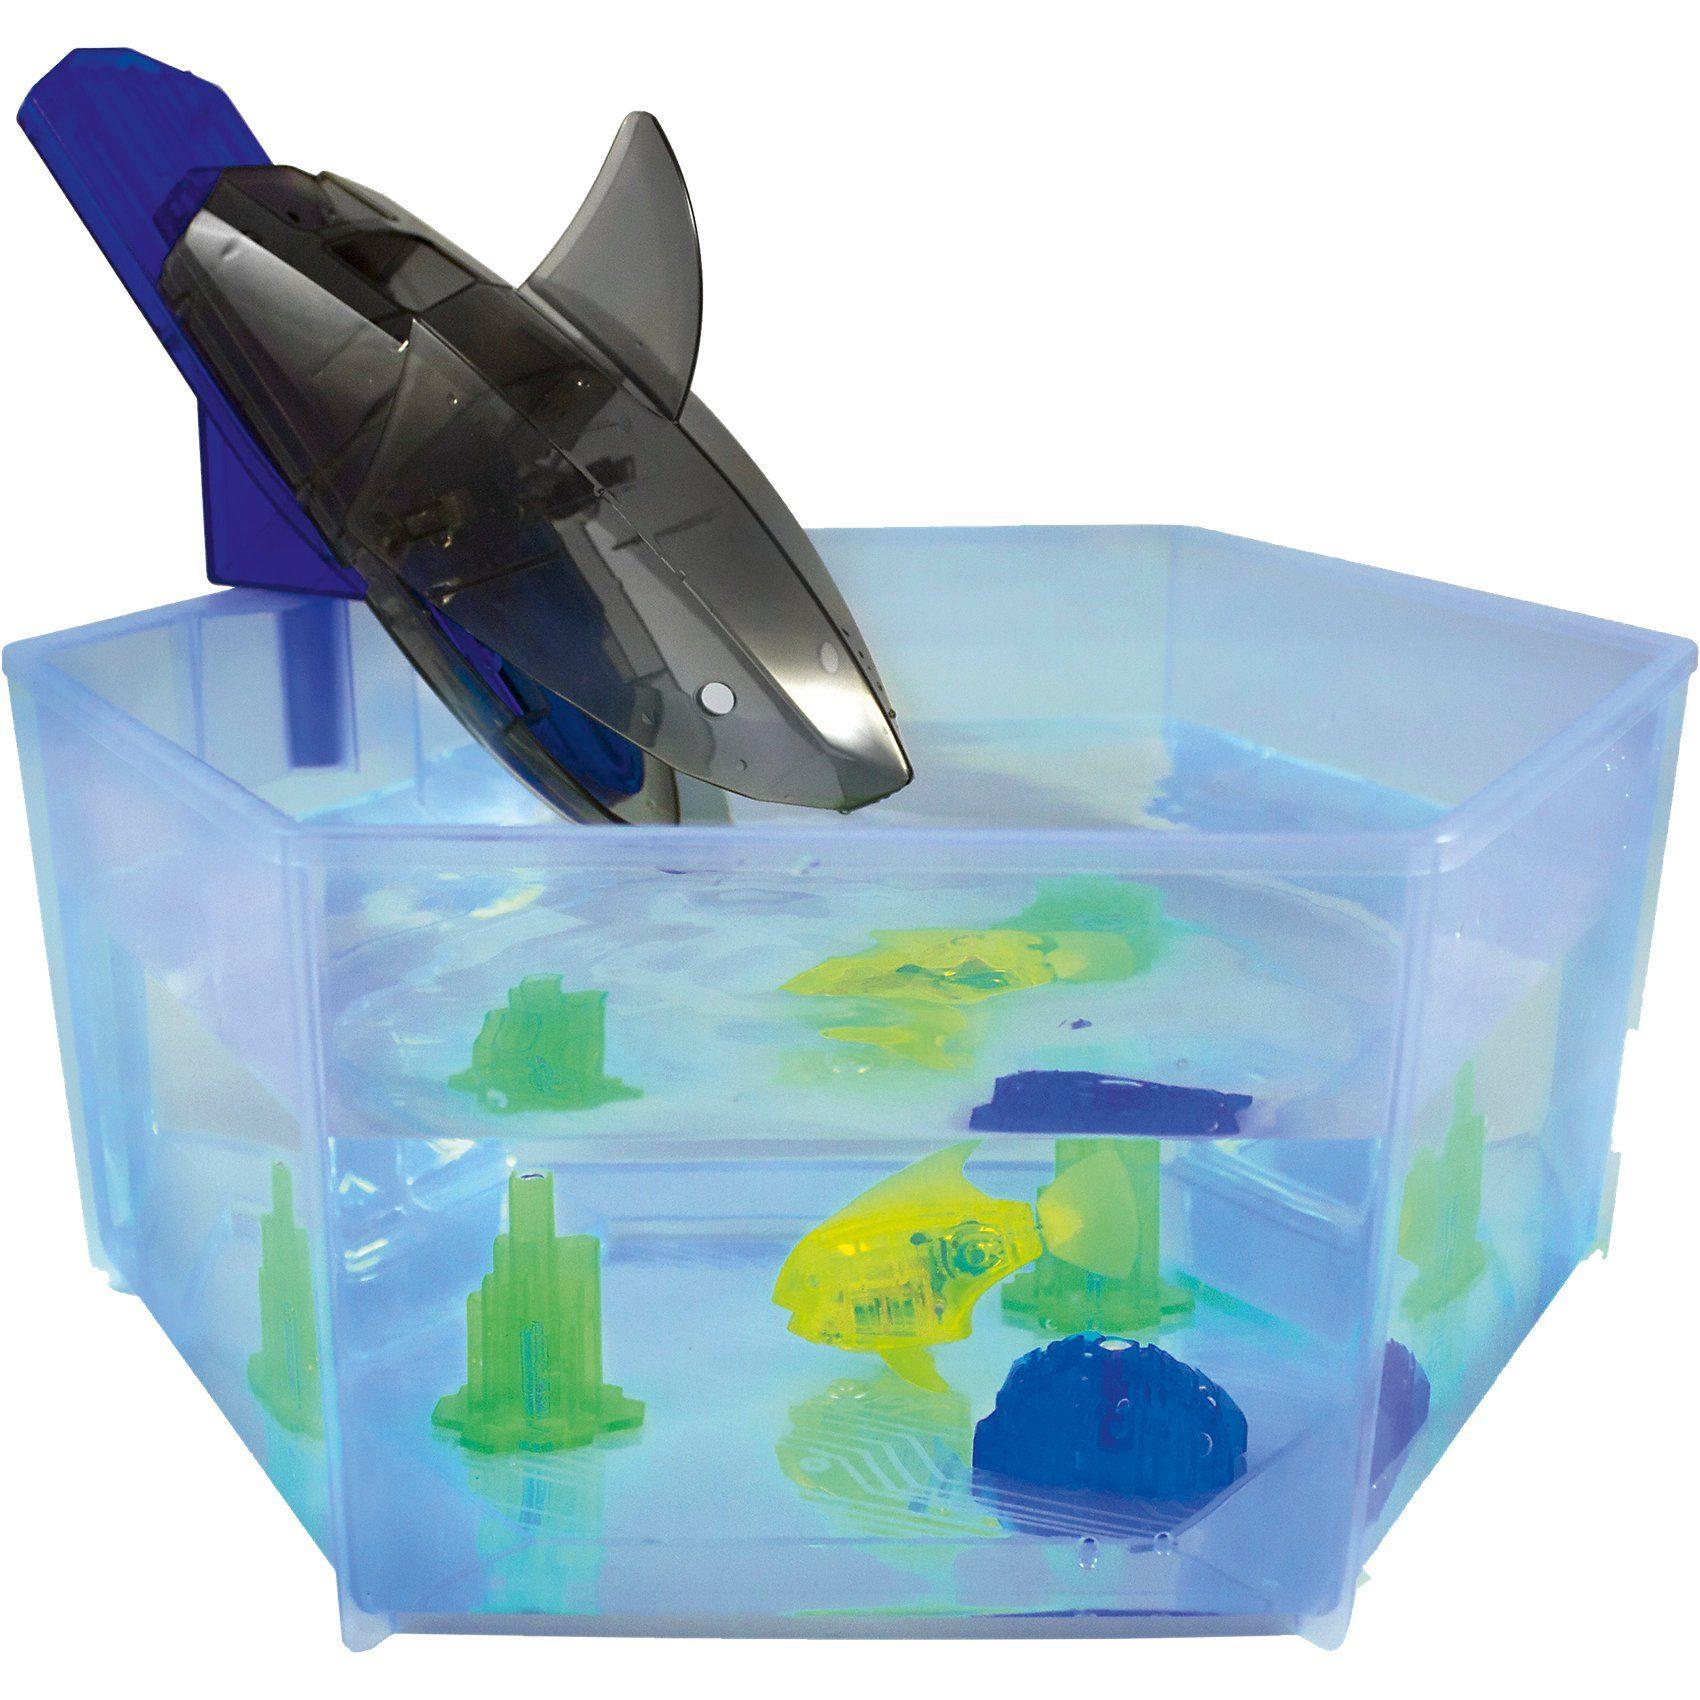 Hexbug - Aquabot Shark Tank